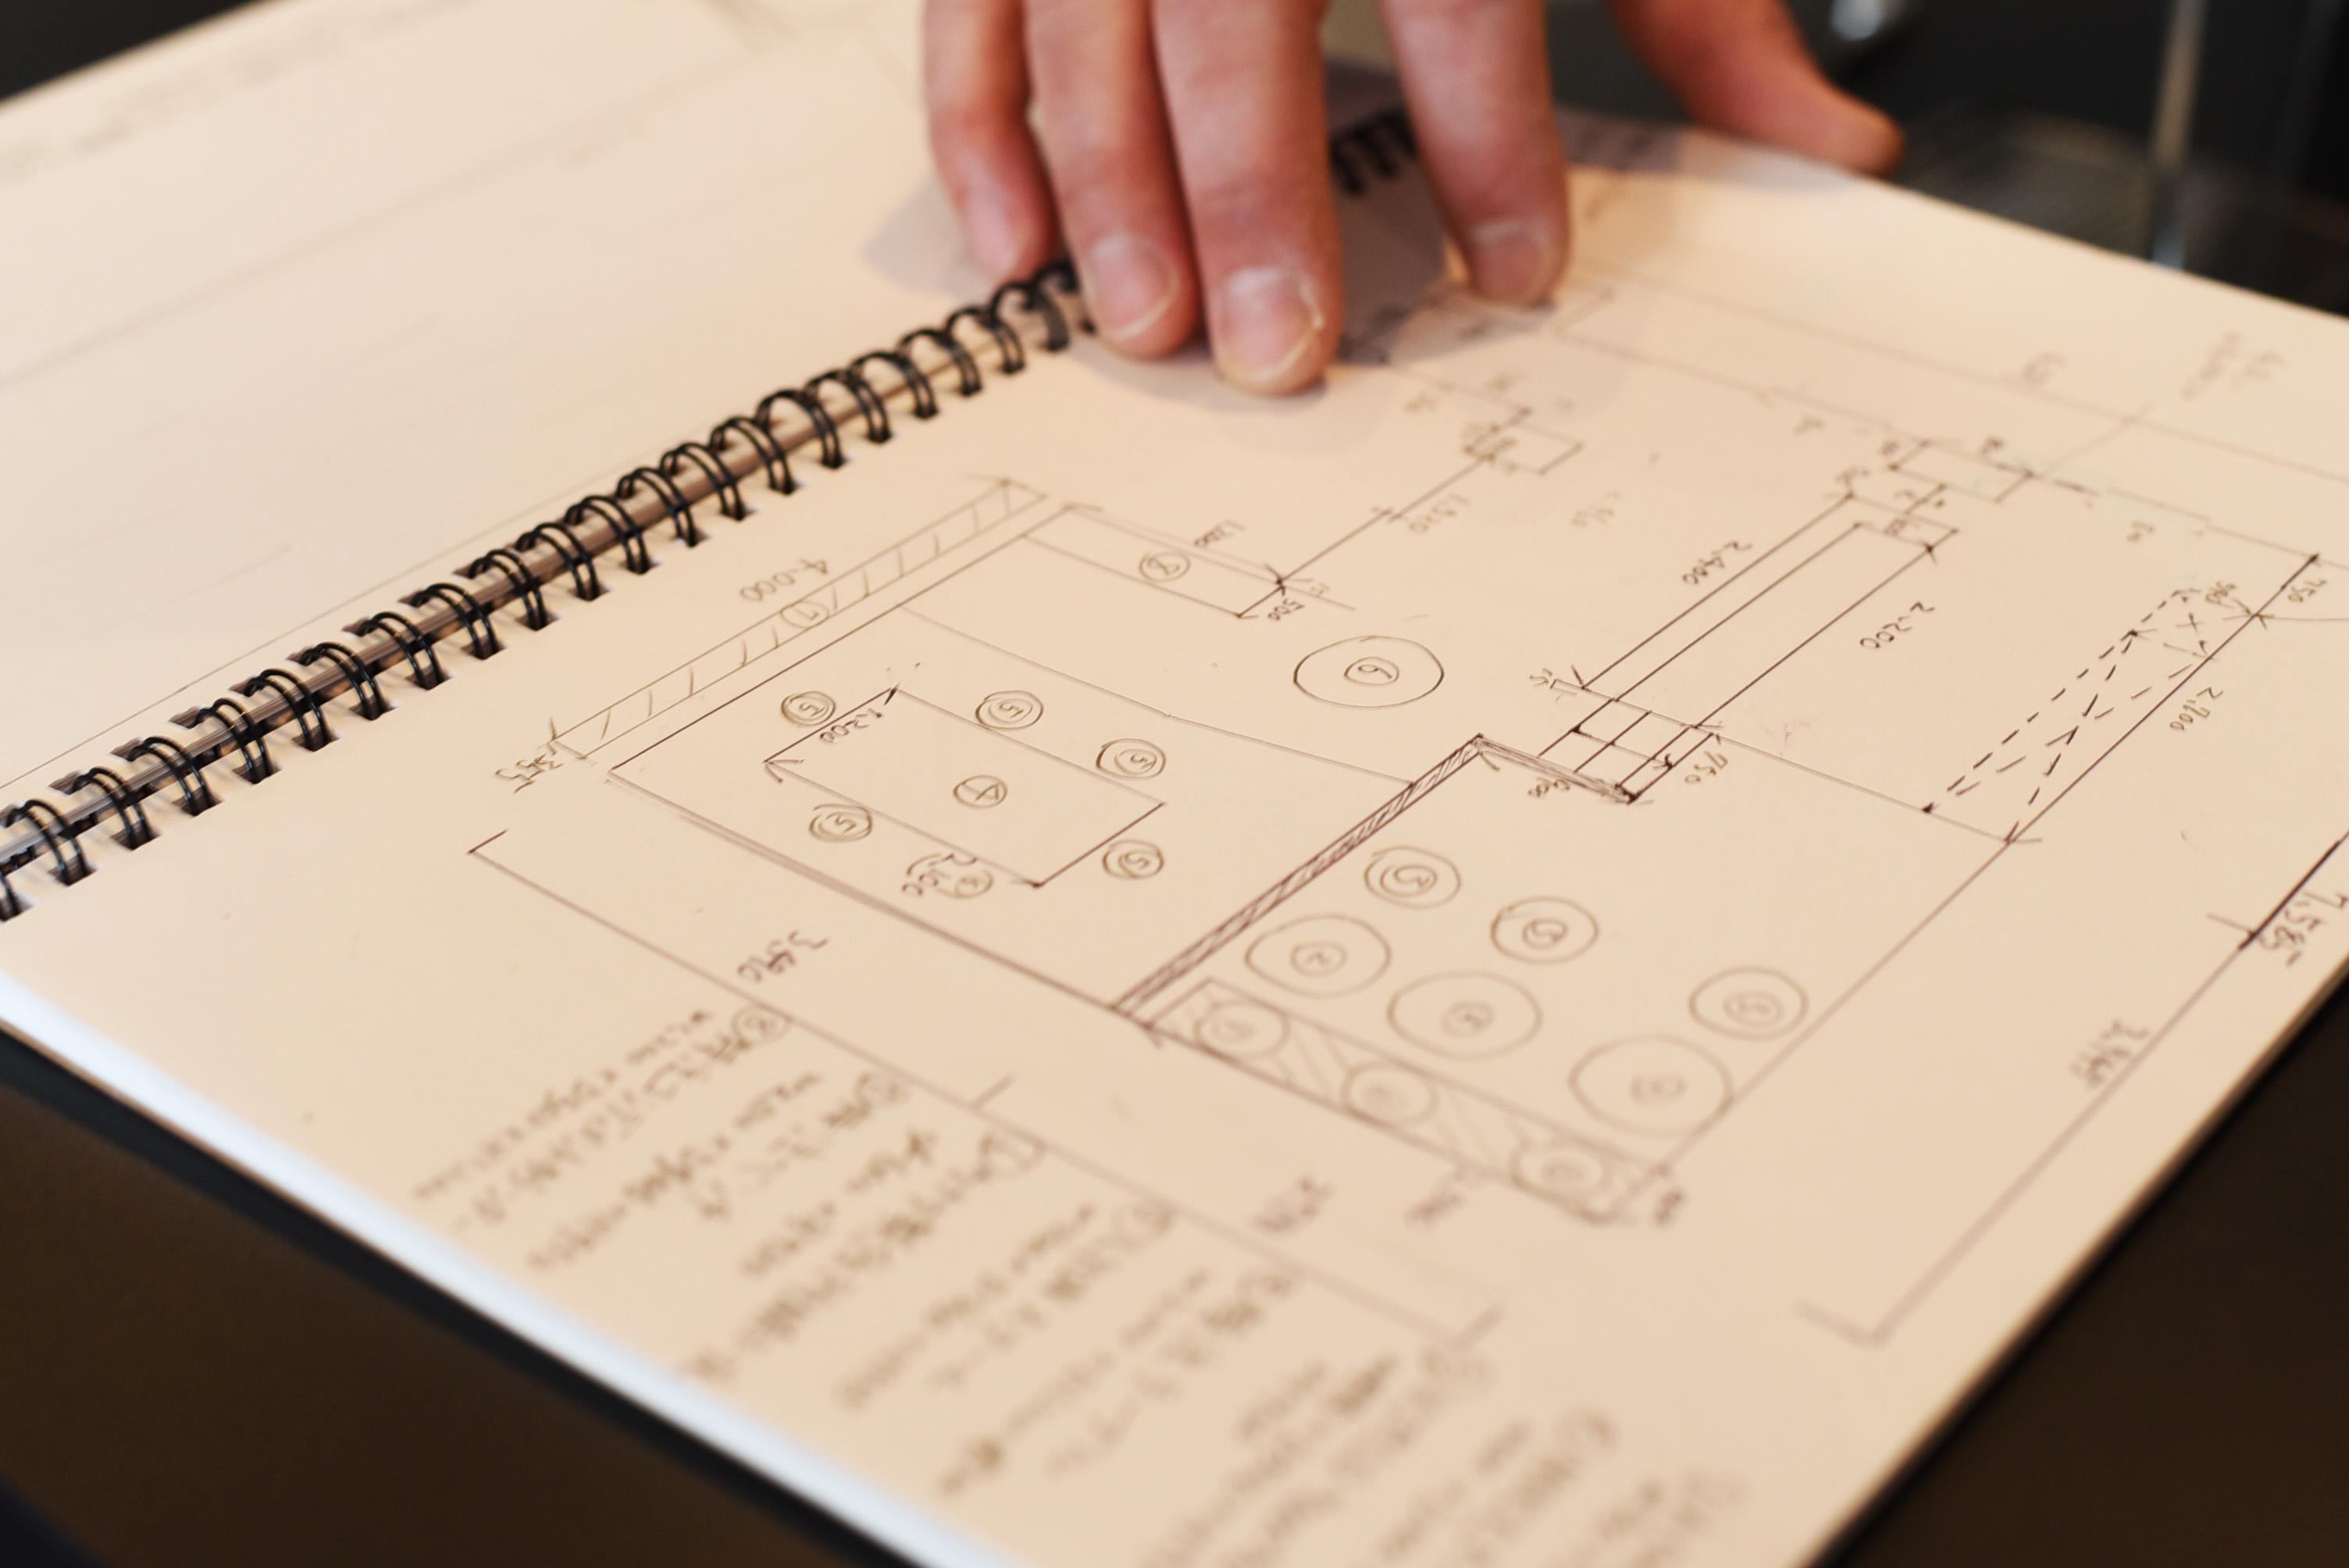 修業時代はいつでも「未来の自分のカフェ」をイメージしながら働いた。考え抜いた末に描いた店の設計図は、寸法から色合いまで驚くほど明確。